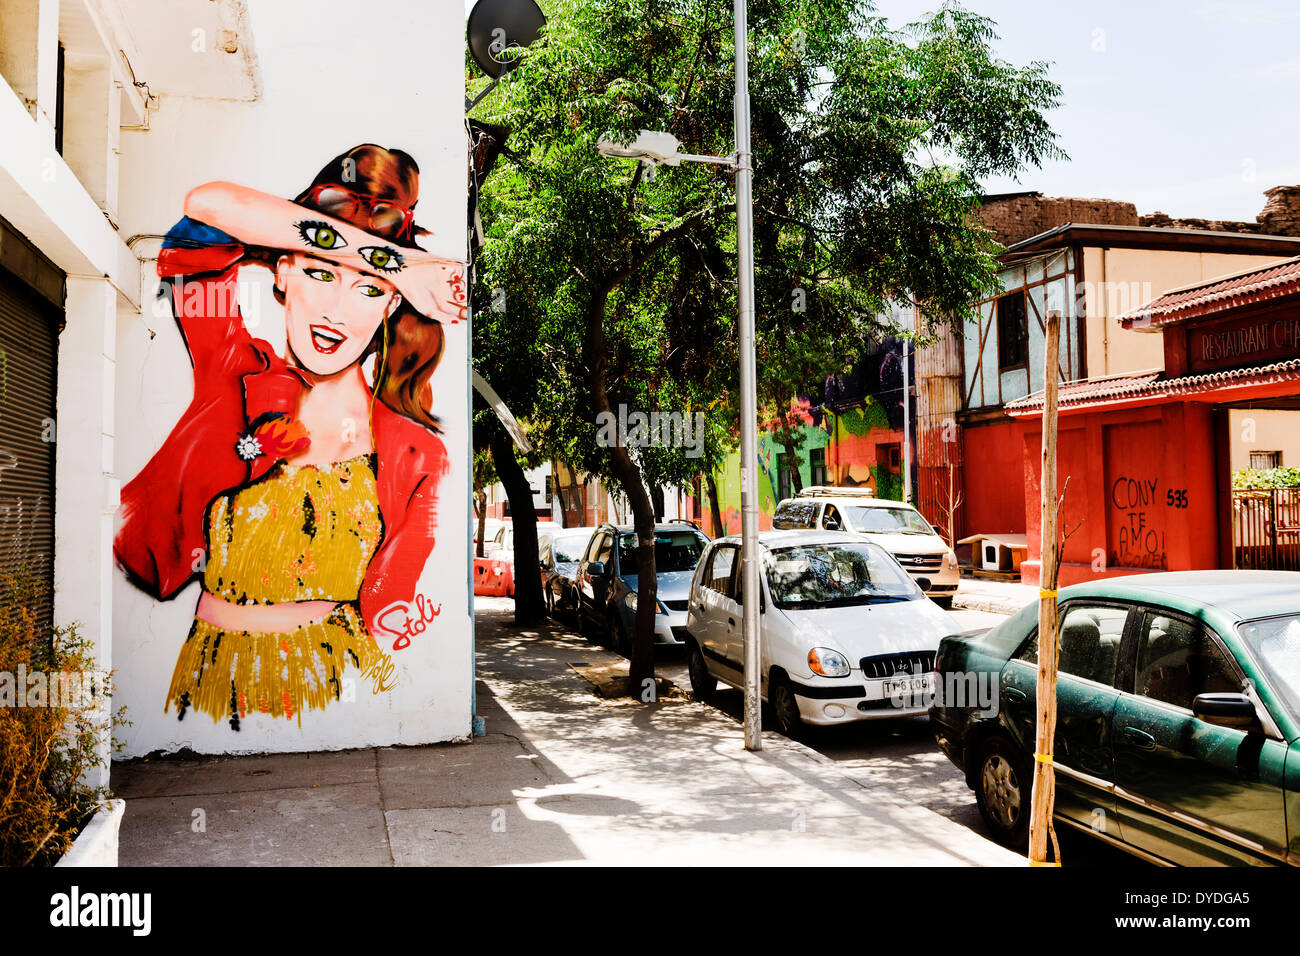 Street art in Barrio Providencia in Santiago. - Stock Image